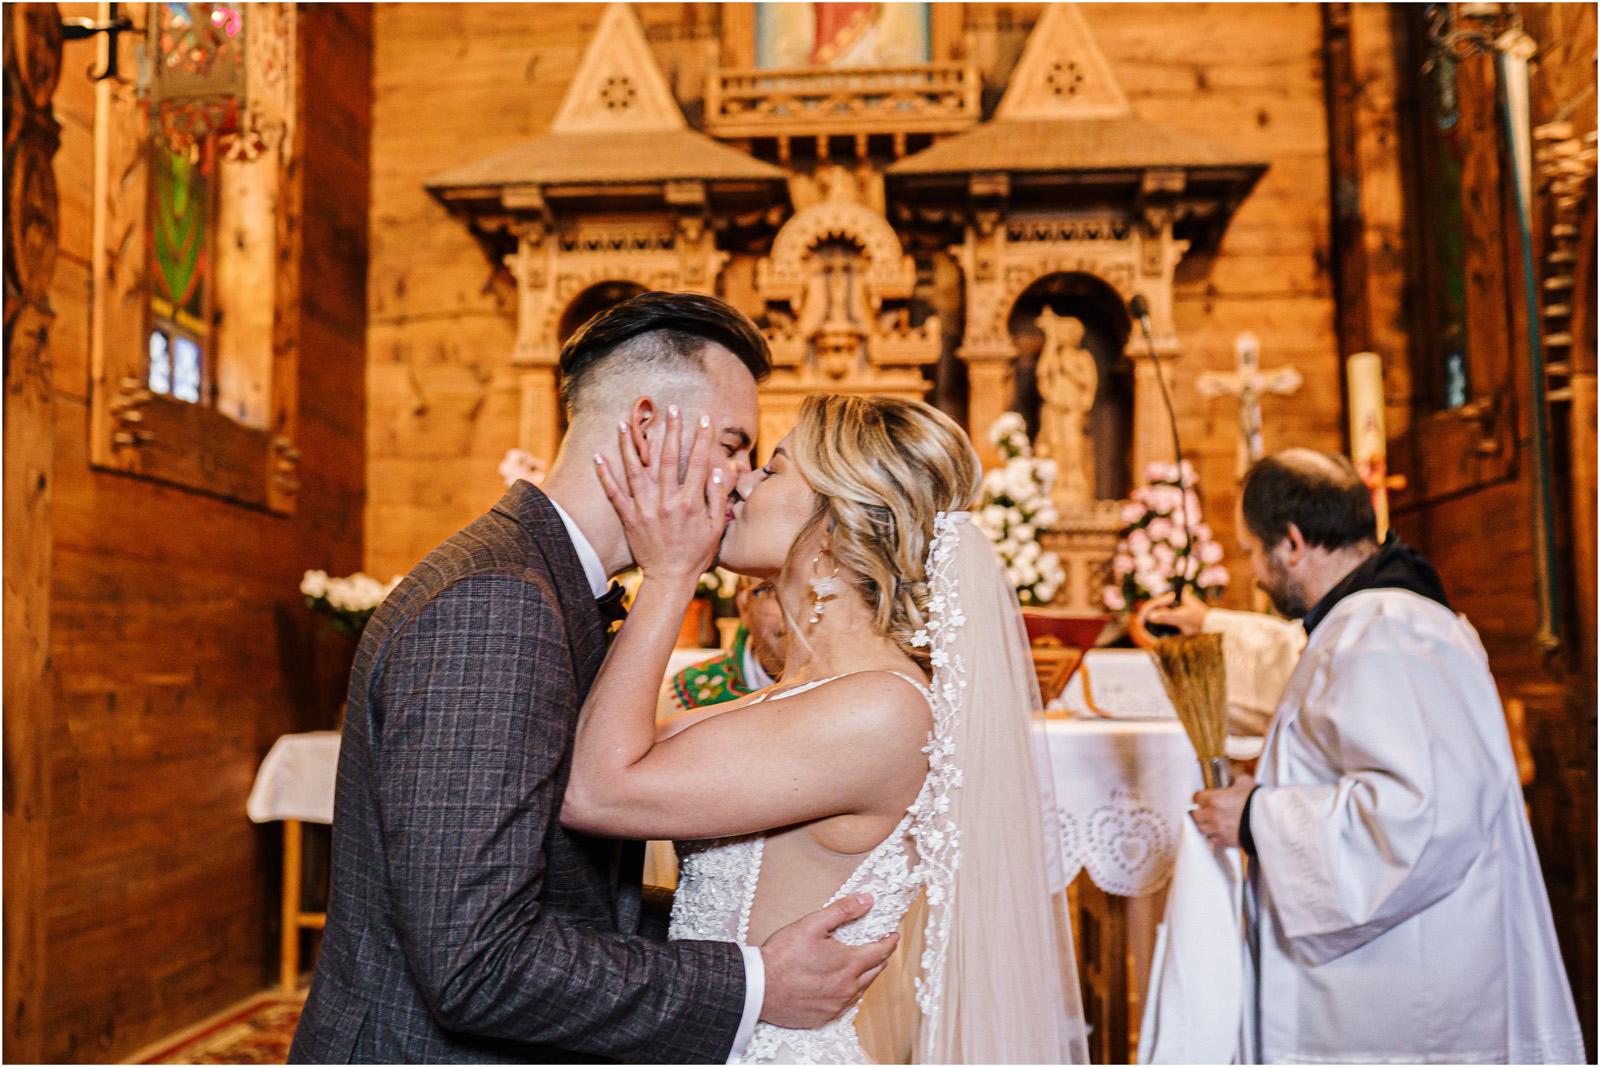 Amanda & Błażej | ślub i sesja w górach 36